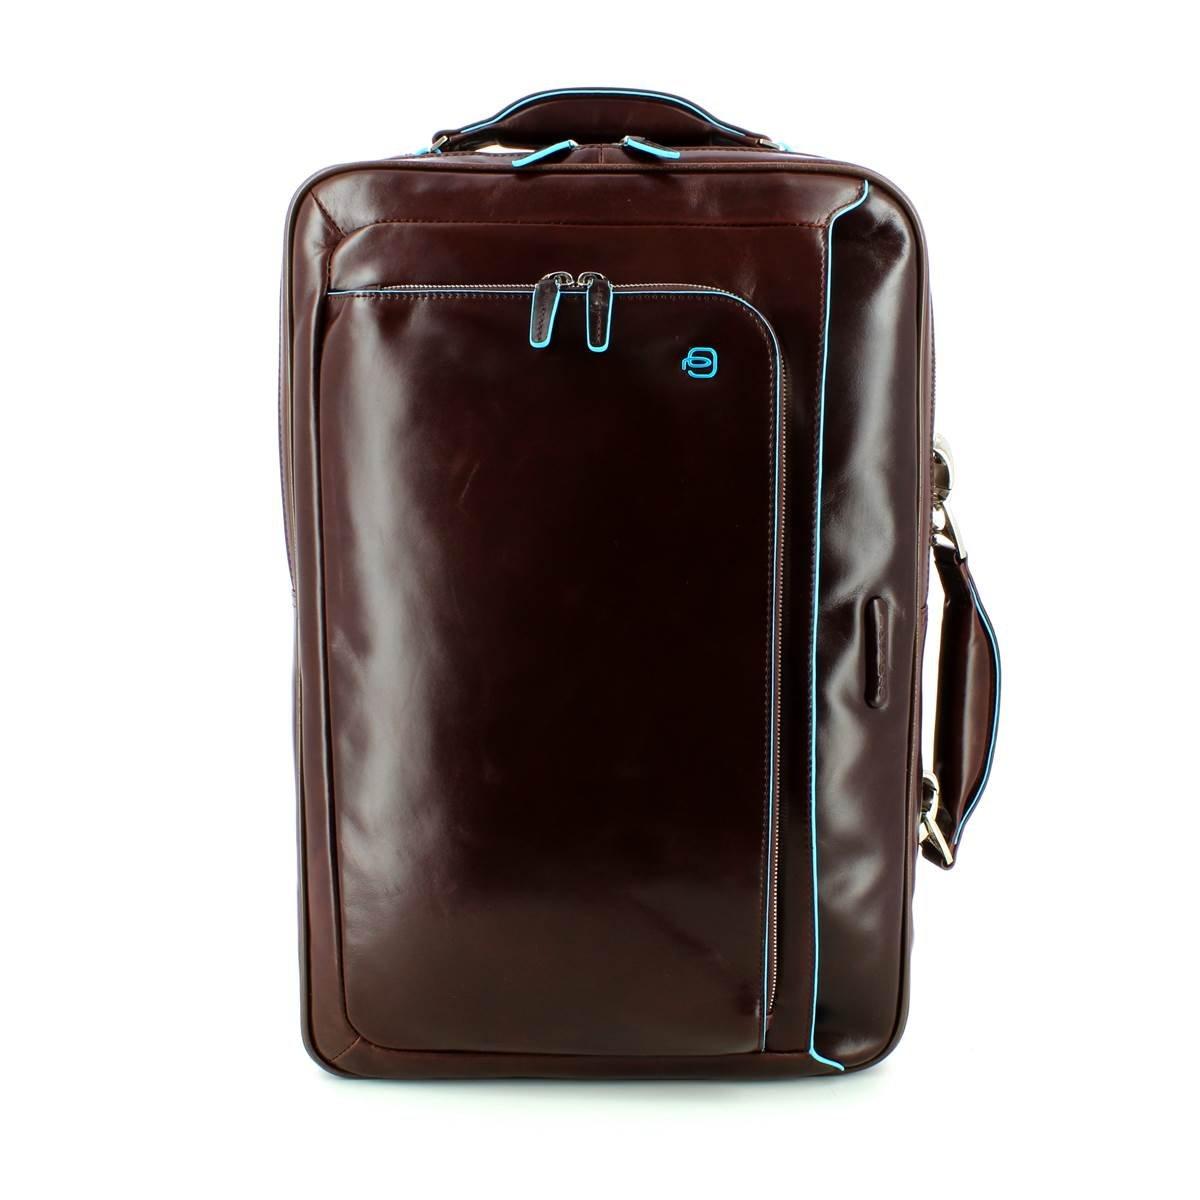 Piquadro Mochila de a diario, caoba (marrón) - CA3201B2/MO: Amazon.es: Equipaje